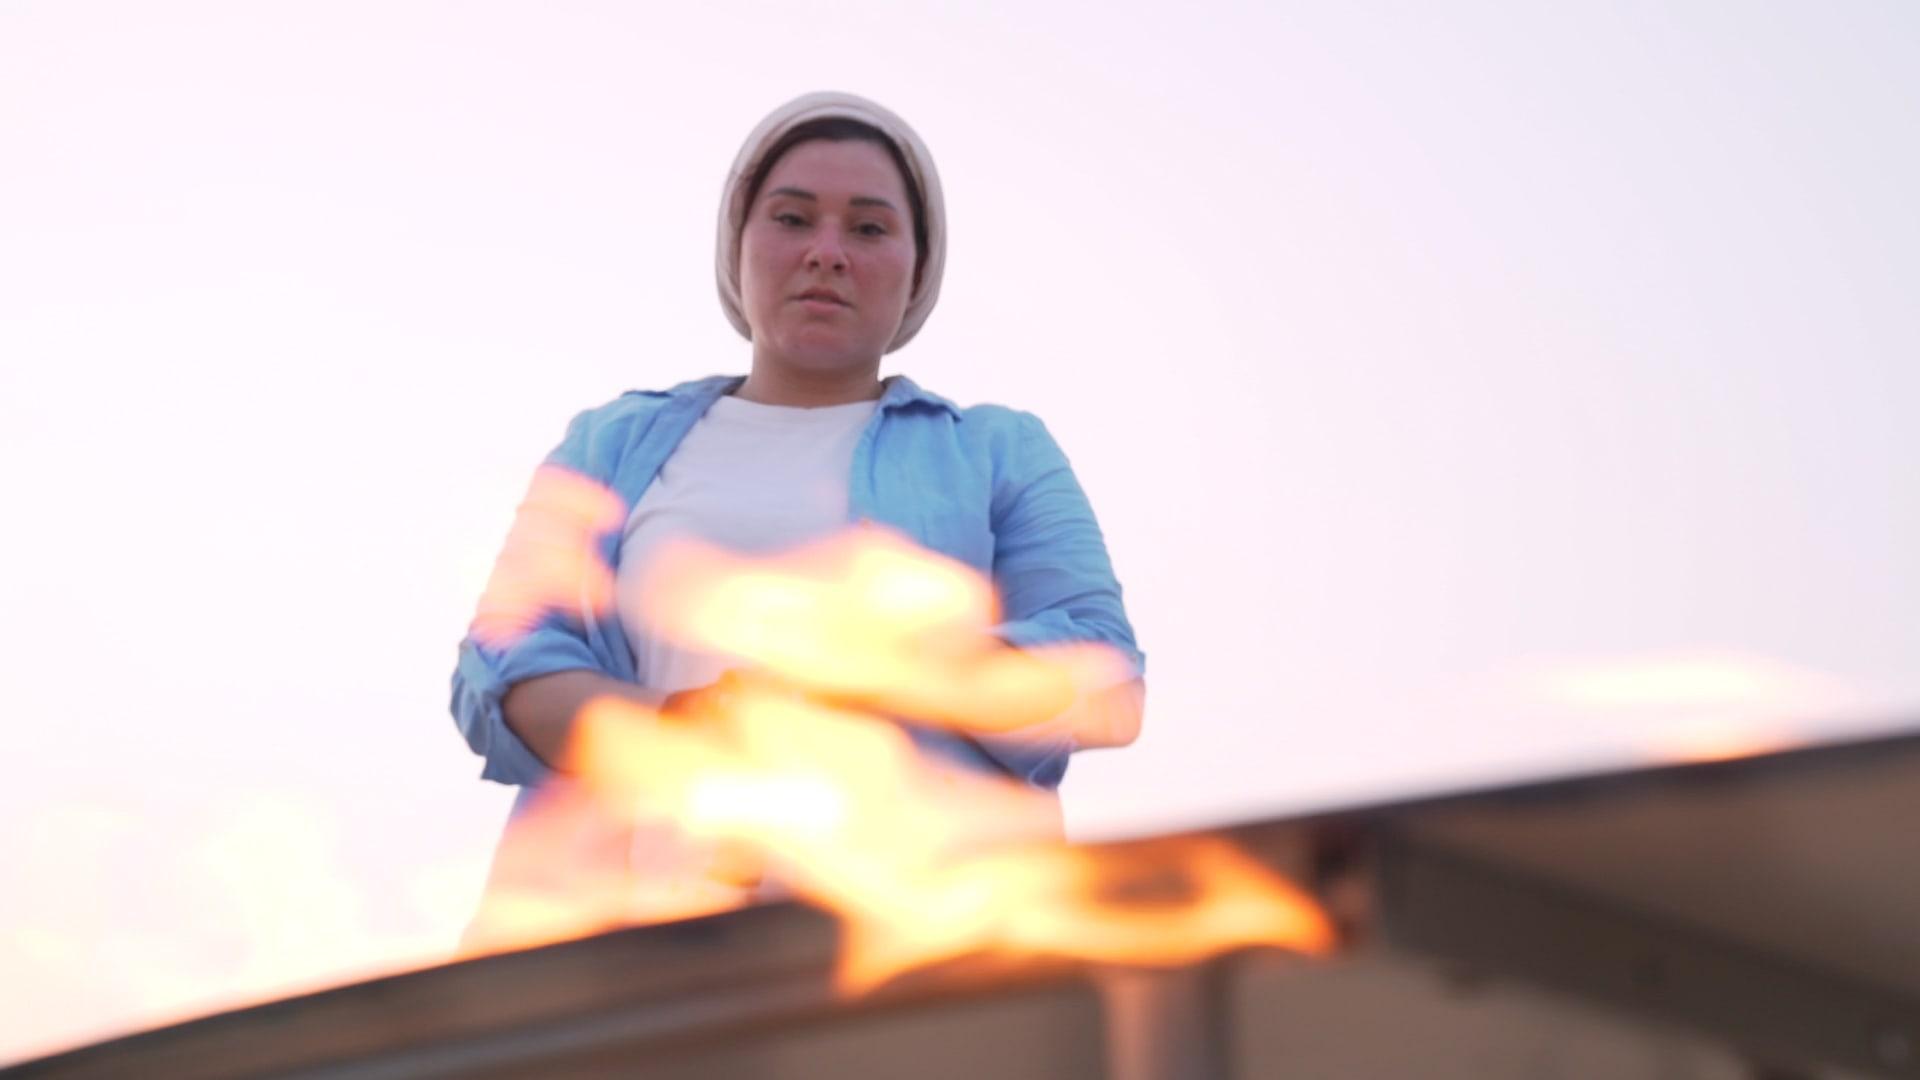 فنانة مصرية تشعل النار في أعمالها الفنية بصحراء دبي.. لماذا؟